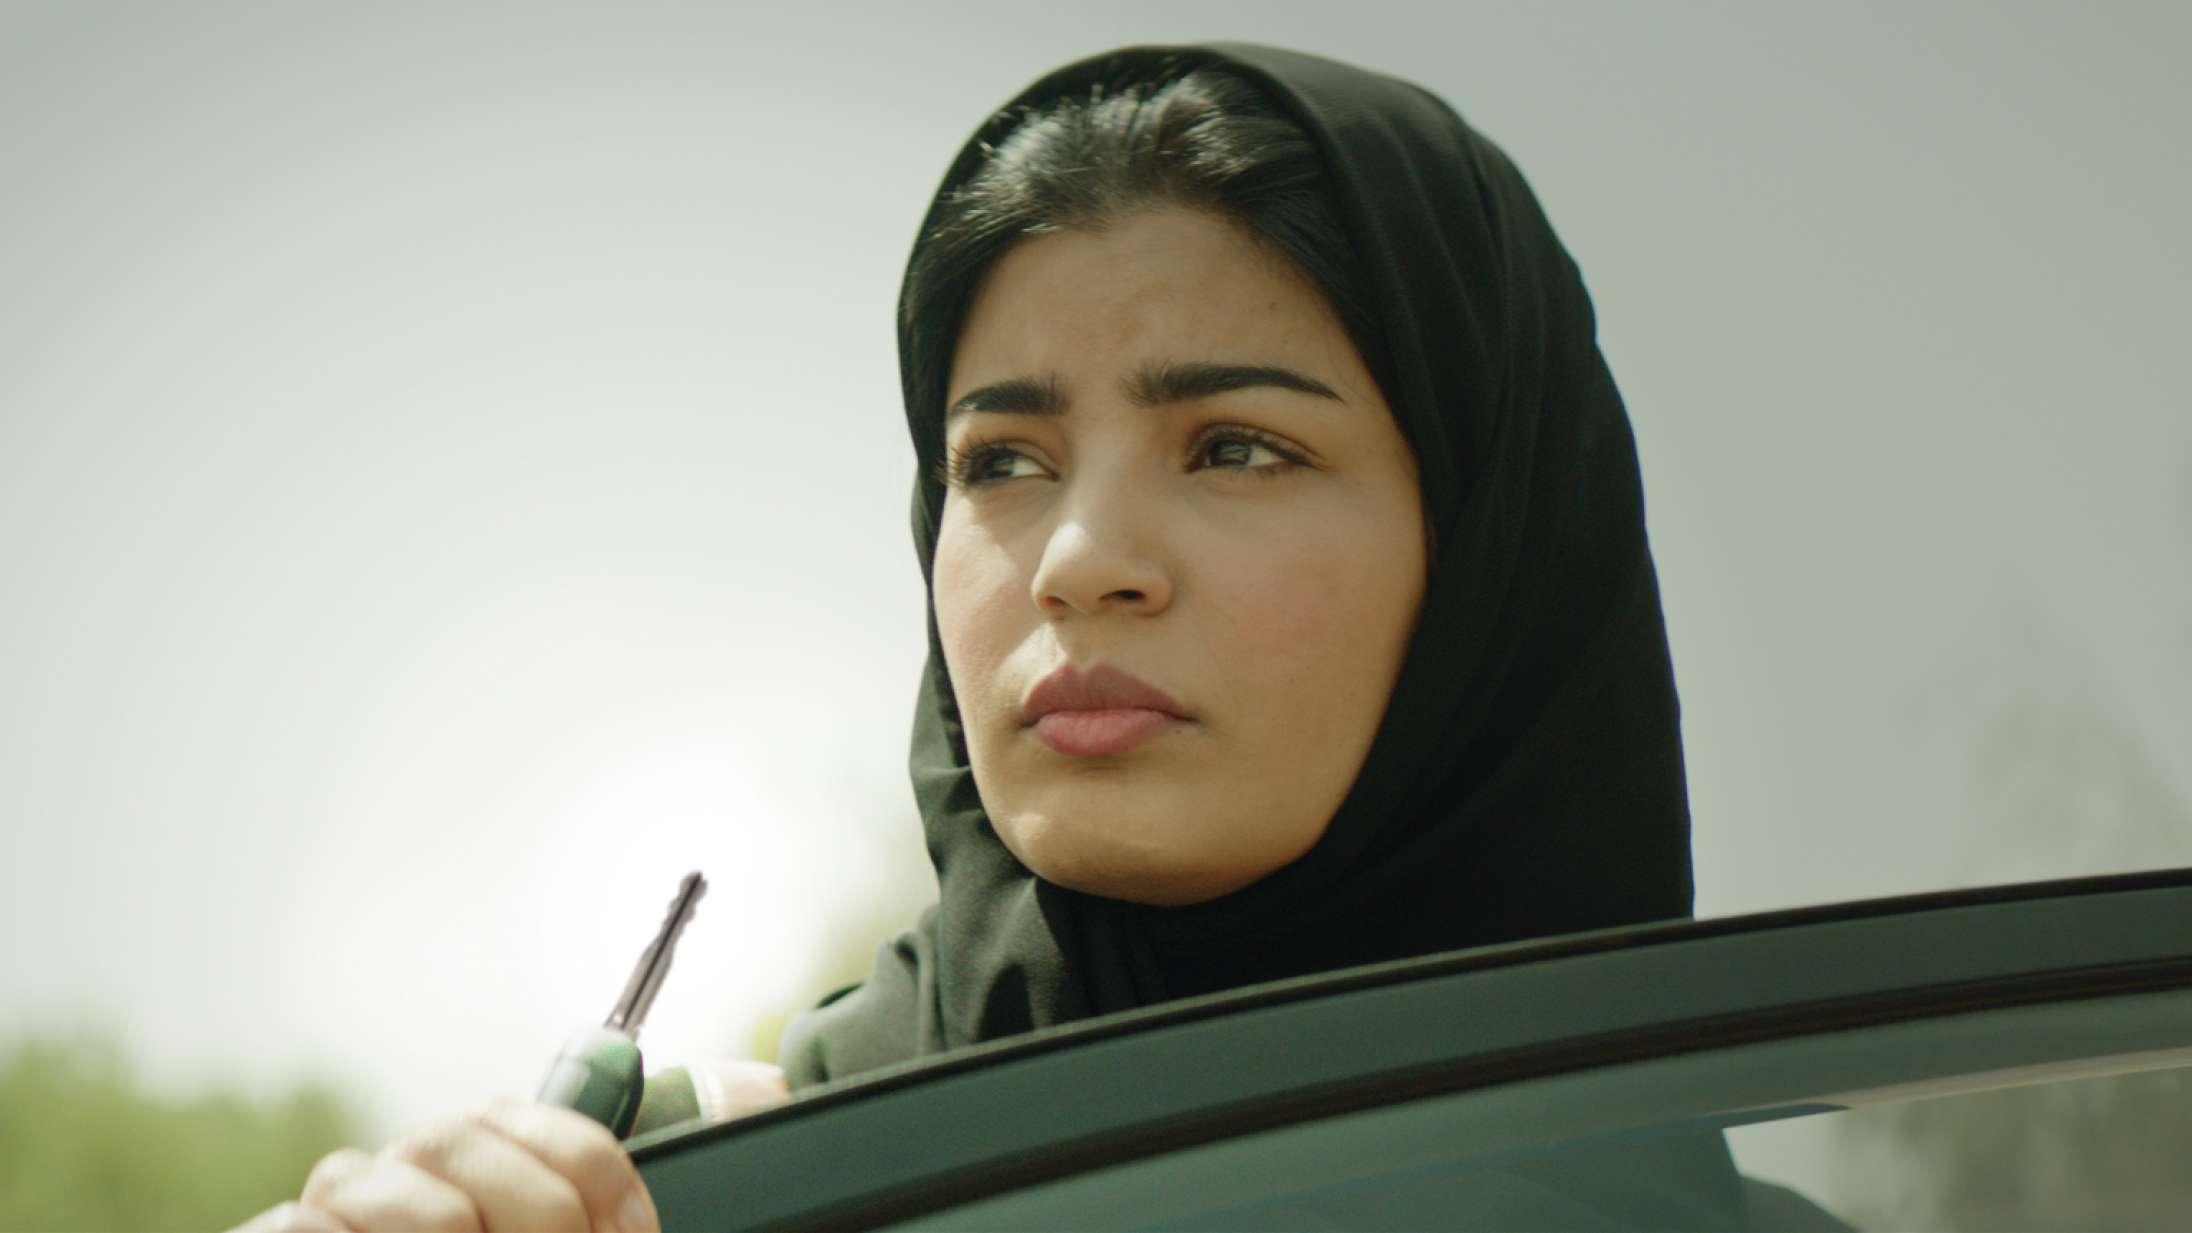 'Maryam – den perfekte kandidat': Et charmerende og forudsigeligt drama fra kvindeundertrykkelsens højborg